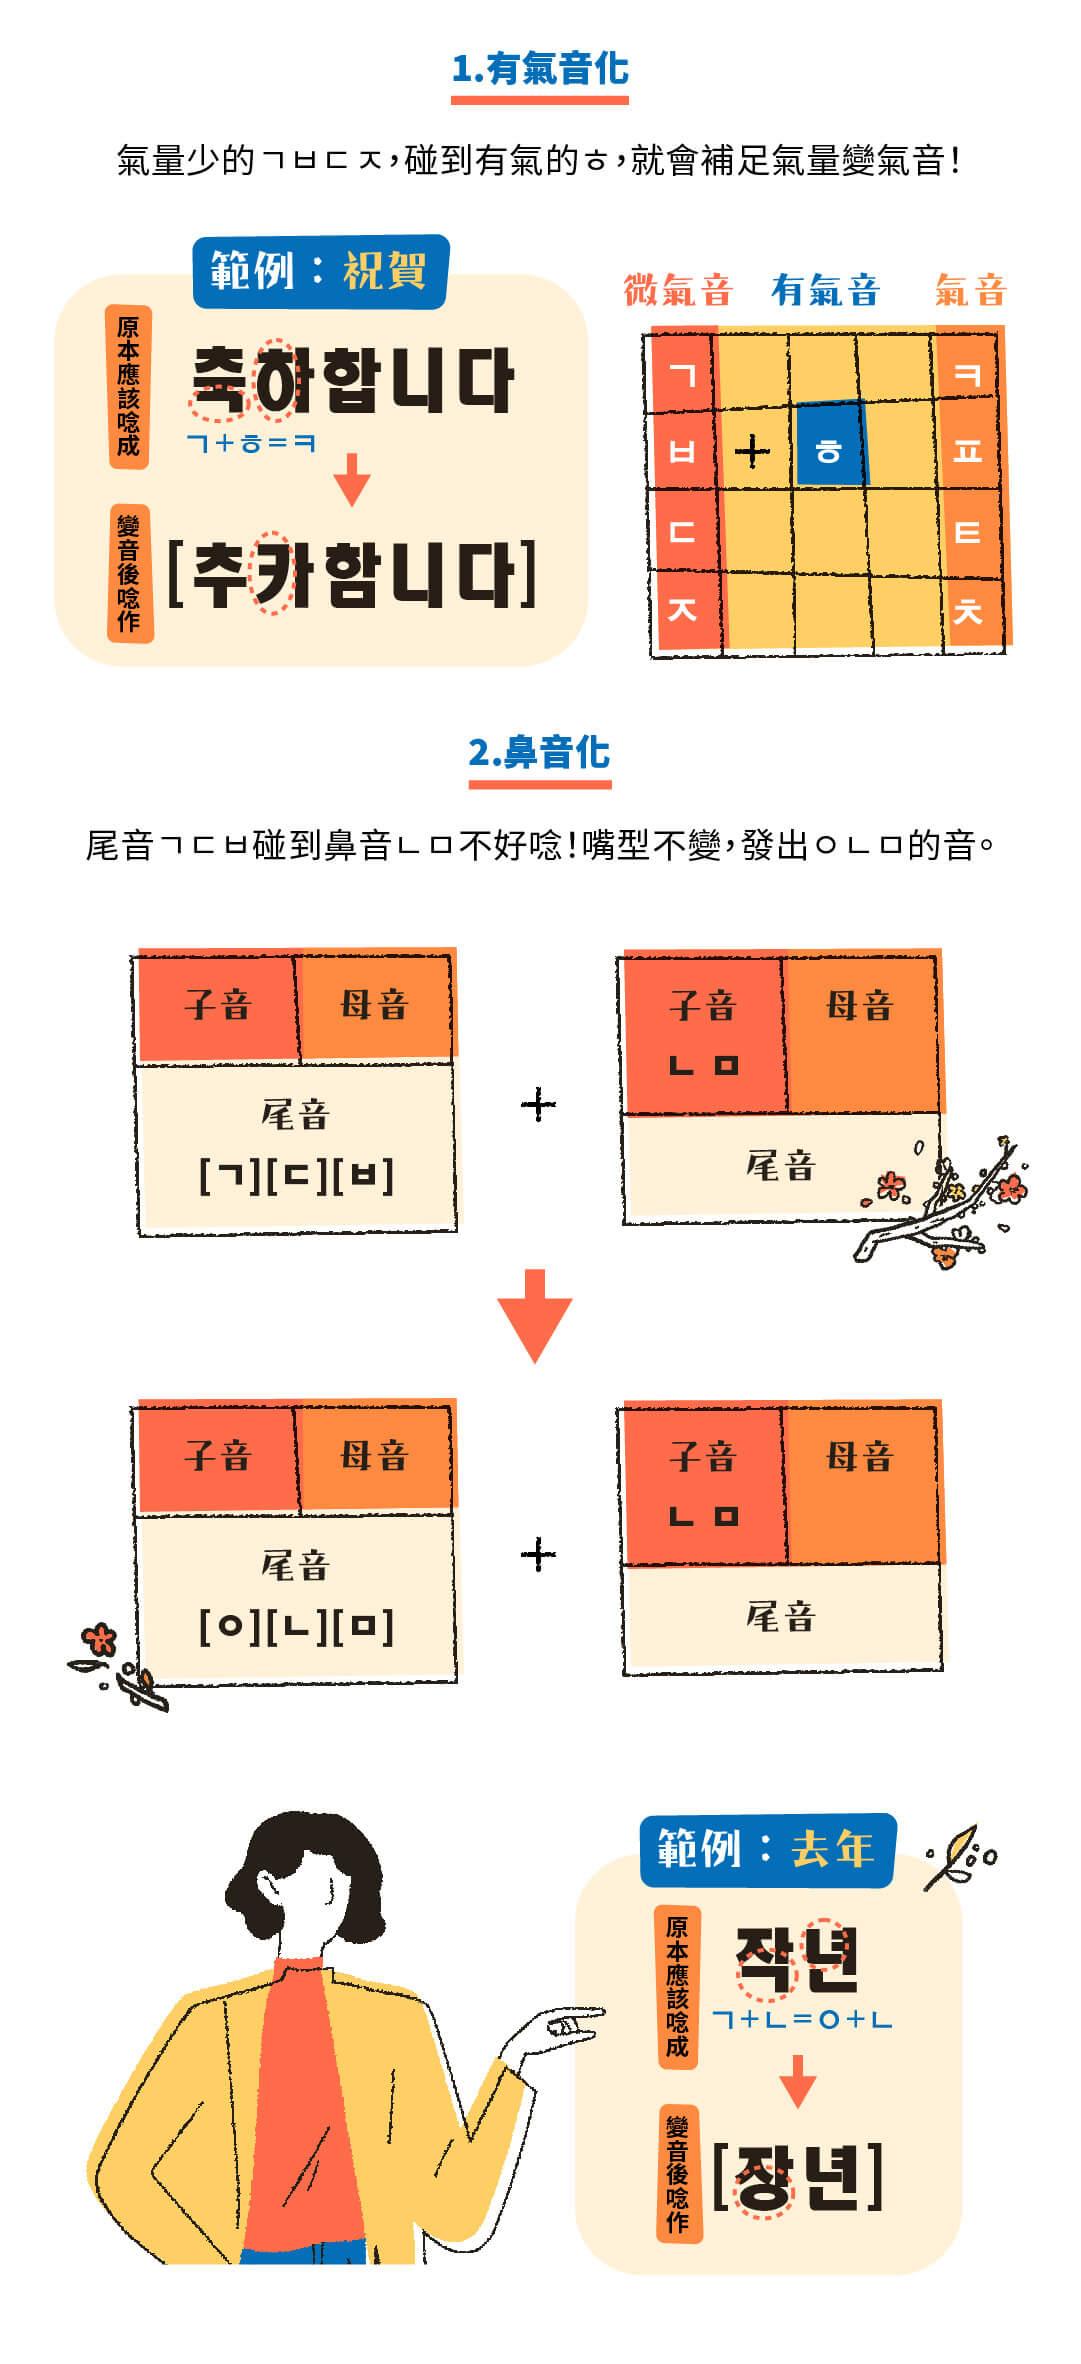 韓文基礎發音課|開口就是溜韓語 - 課本沒有完整說明的「發音規則」